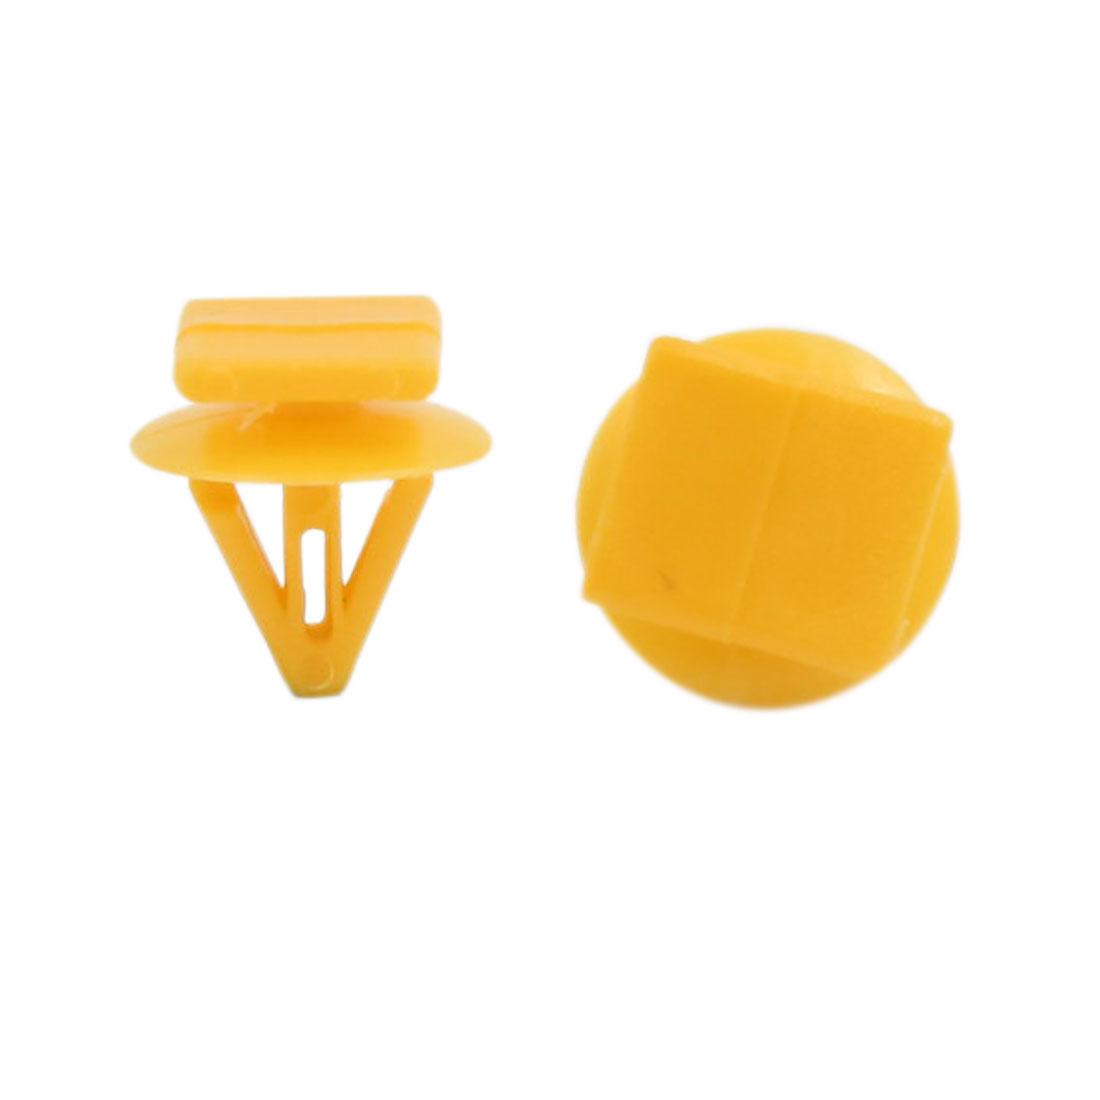 500 Pcs Yellow Car Door Plastic Rivet Trim Fastener Moulding Clips for Hyundai